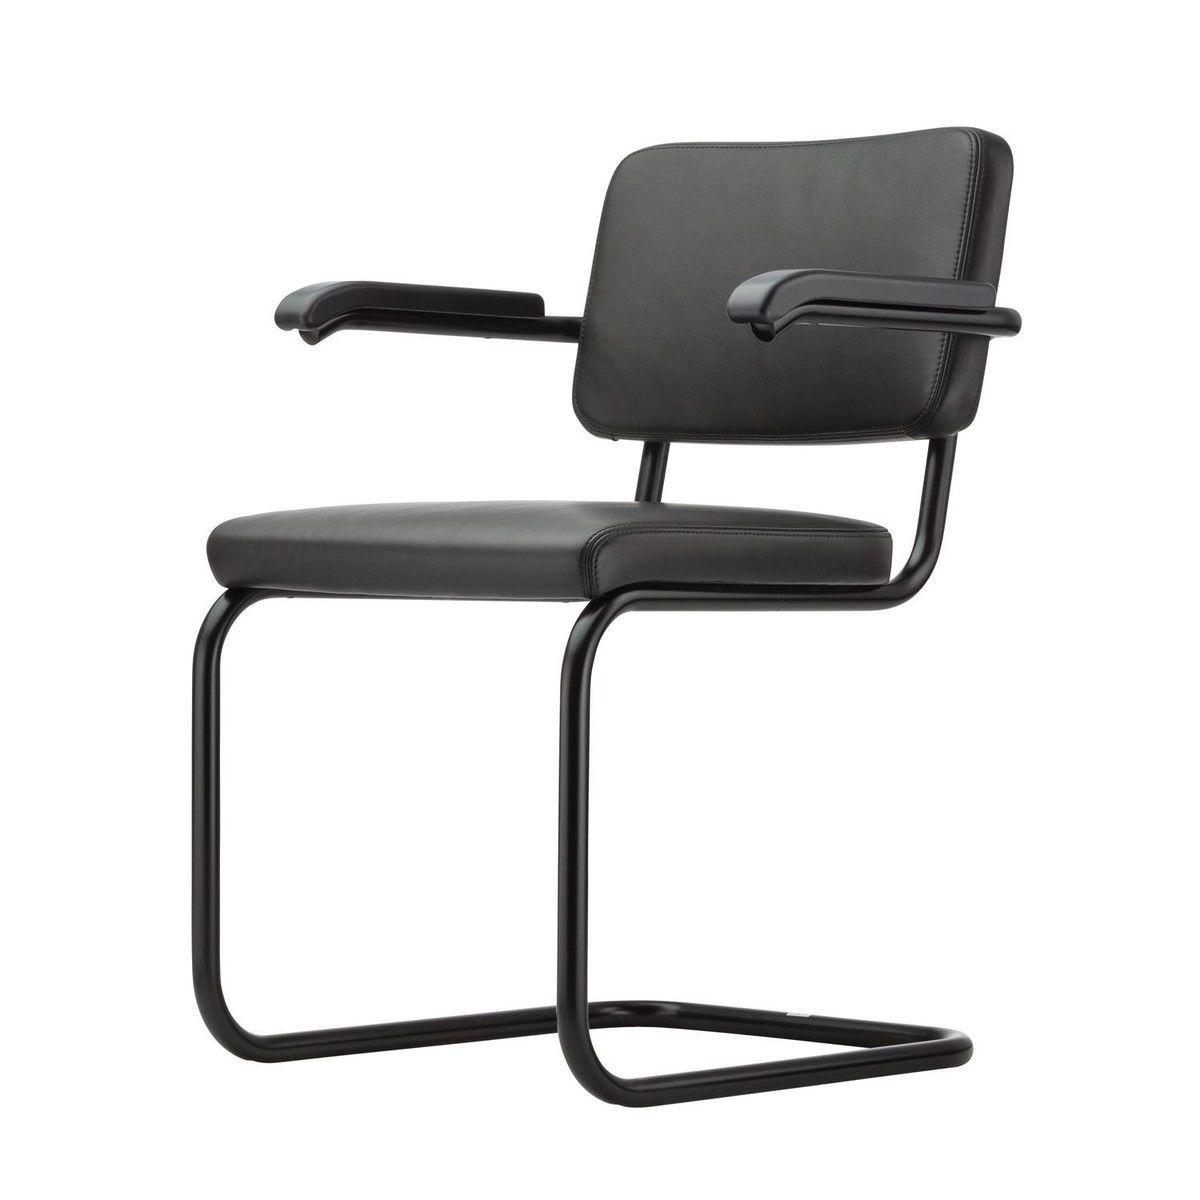 s 64 freischwinger stuhl black white thonet On thonet stuhl schwarz